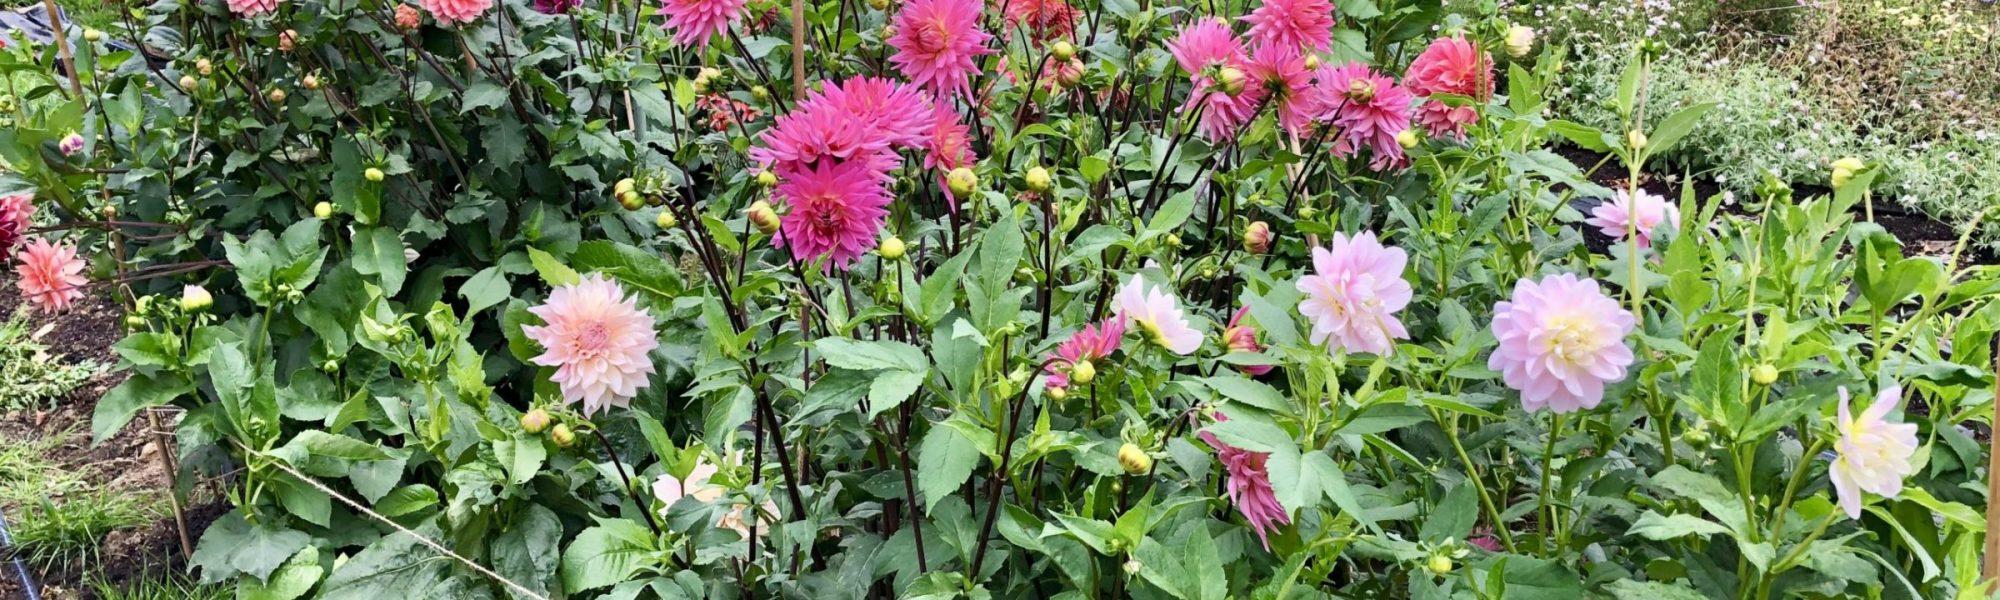 Bewl Rookery Flower Field